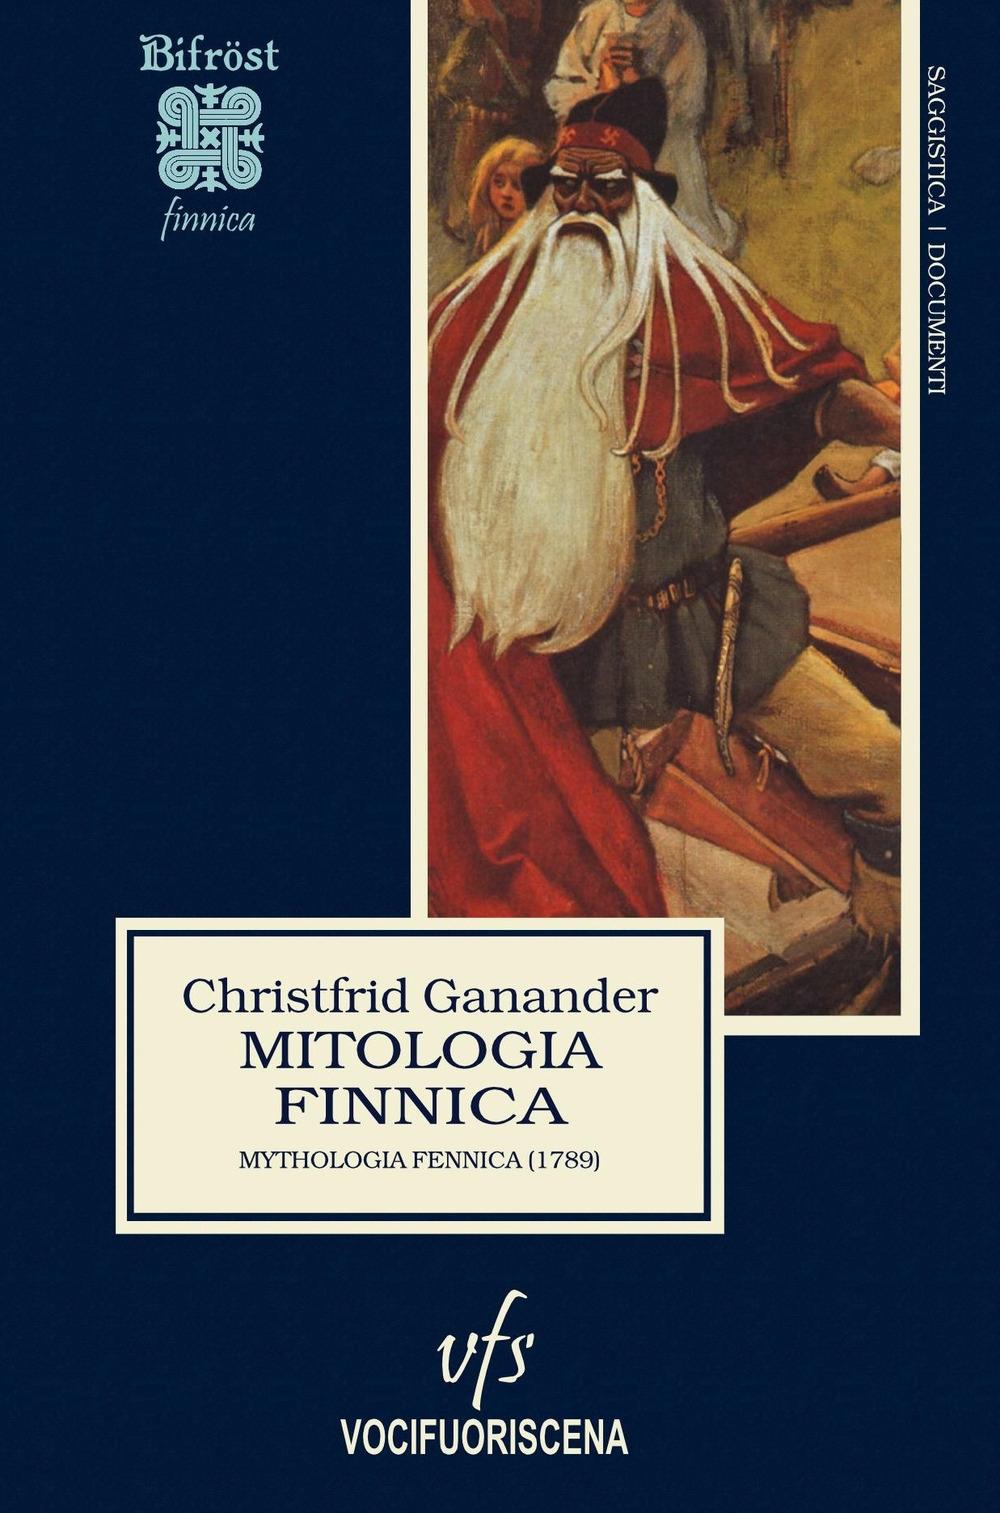 Mitologia finnica. Mythologia fennica (1789)